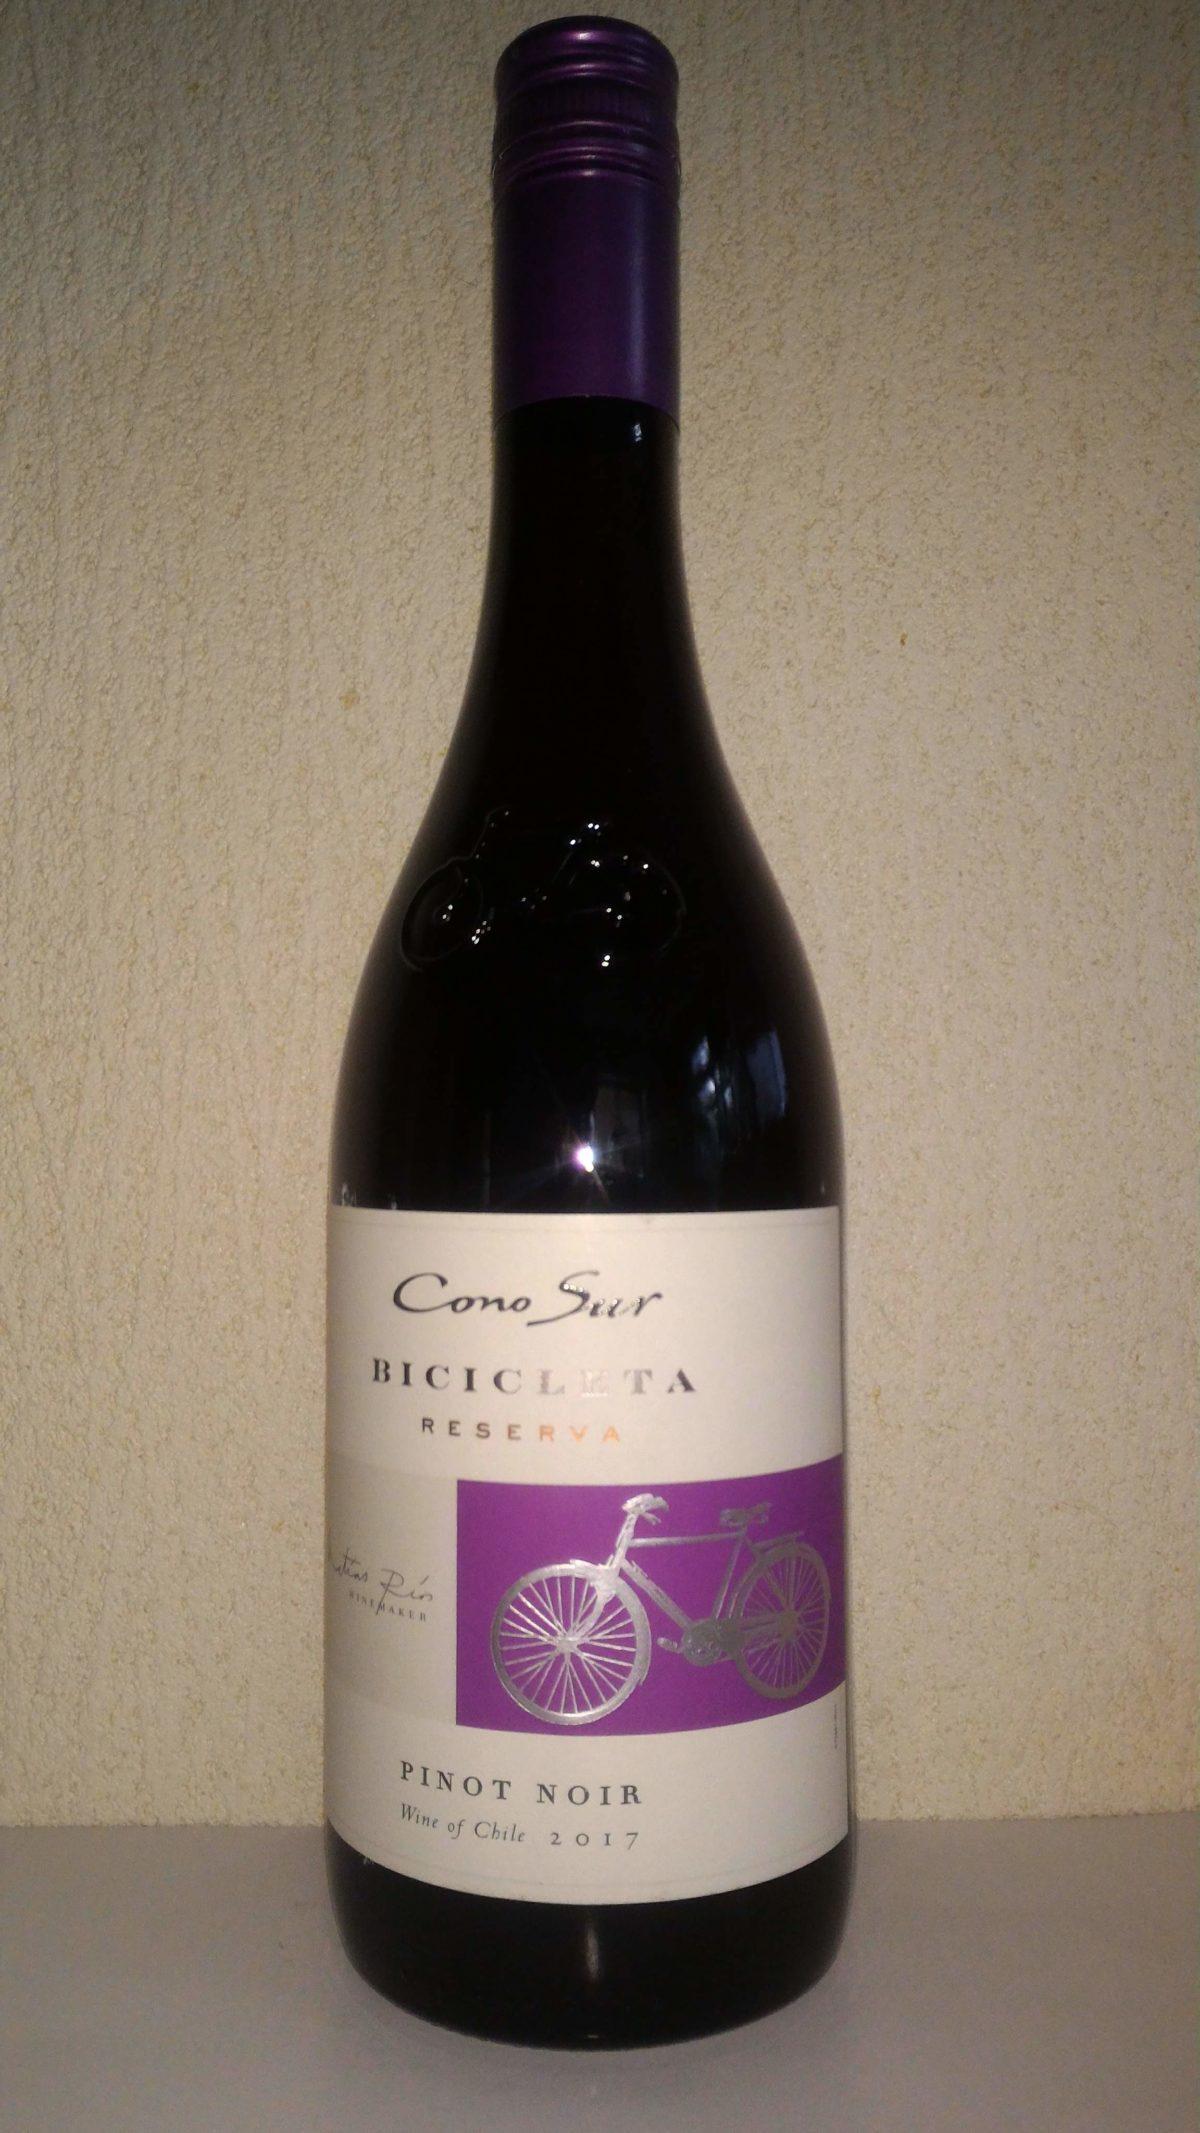 1000円以下で愉しむワイン「コノスル ピノ・ノワール ビシクレタ」